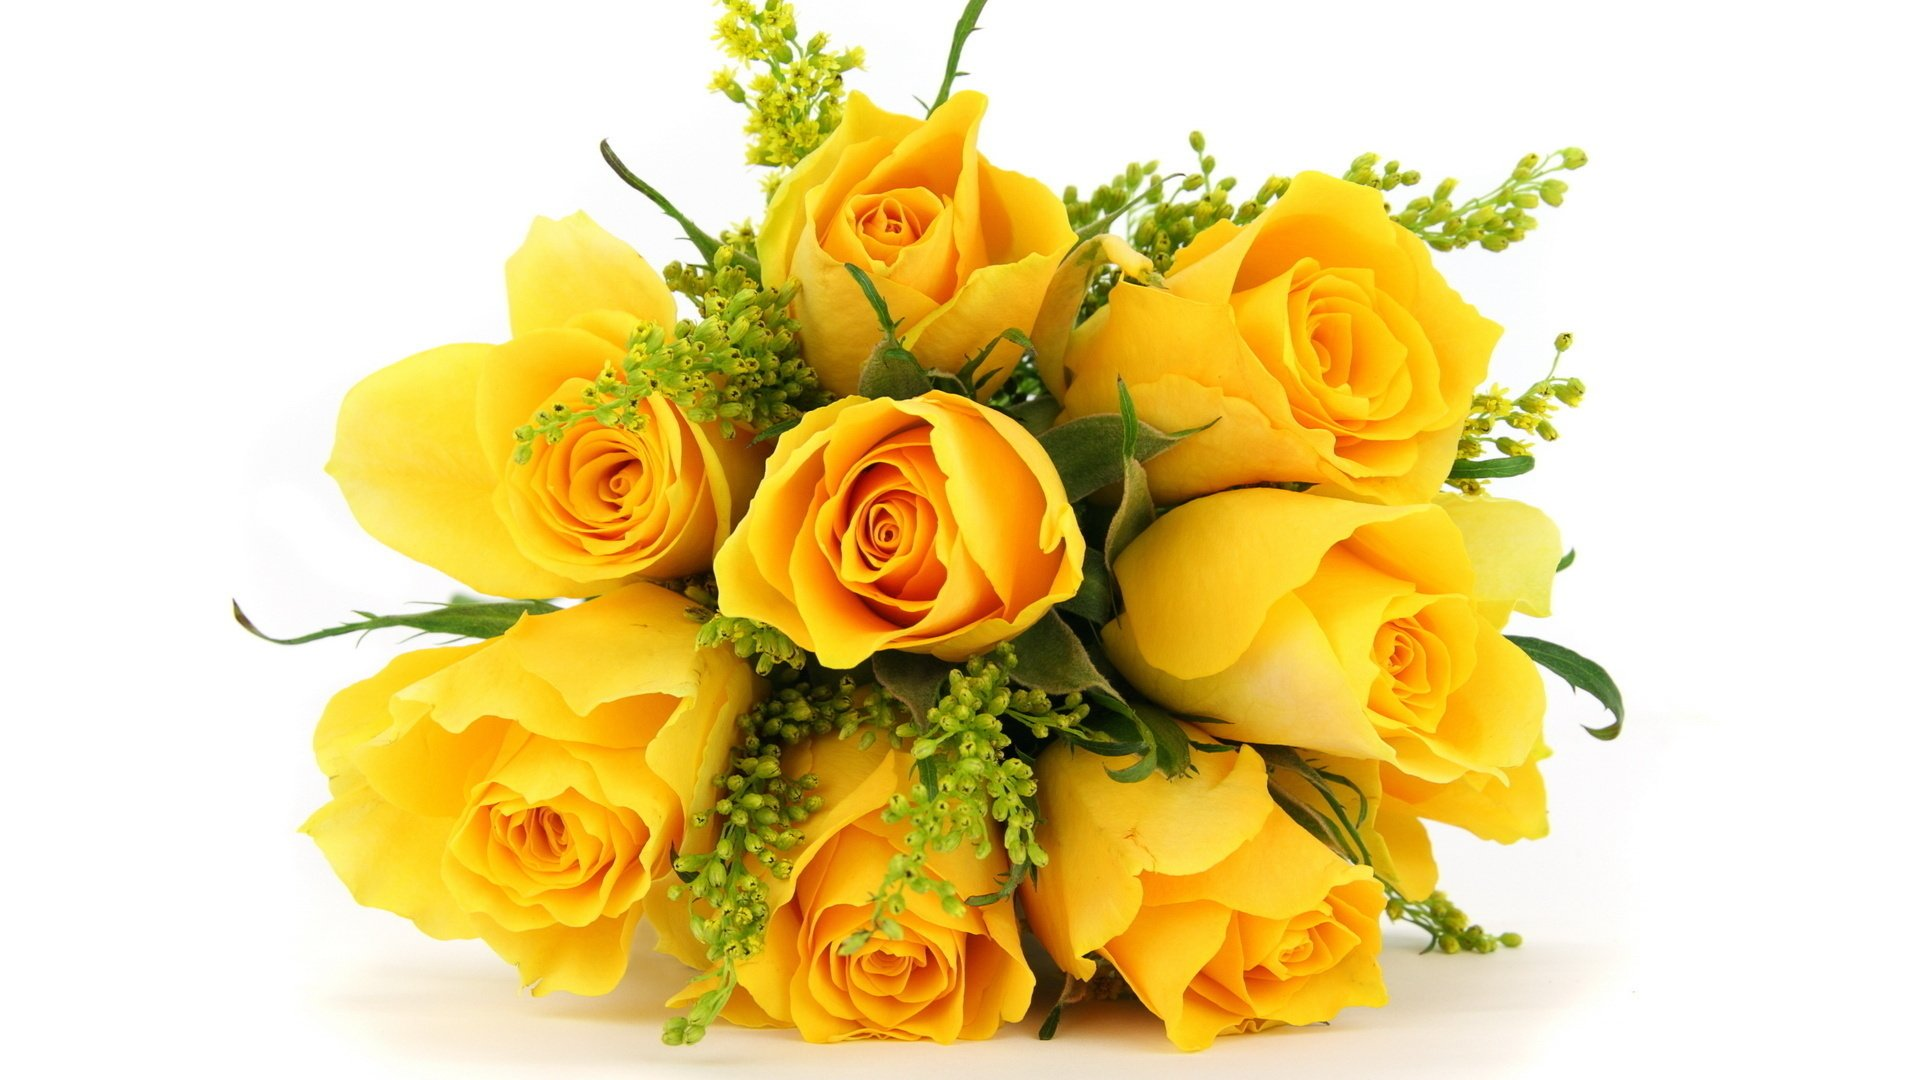 Hình nền hoa hồng vàng full HD